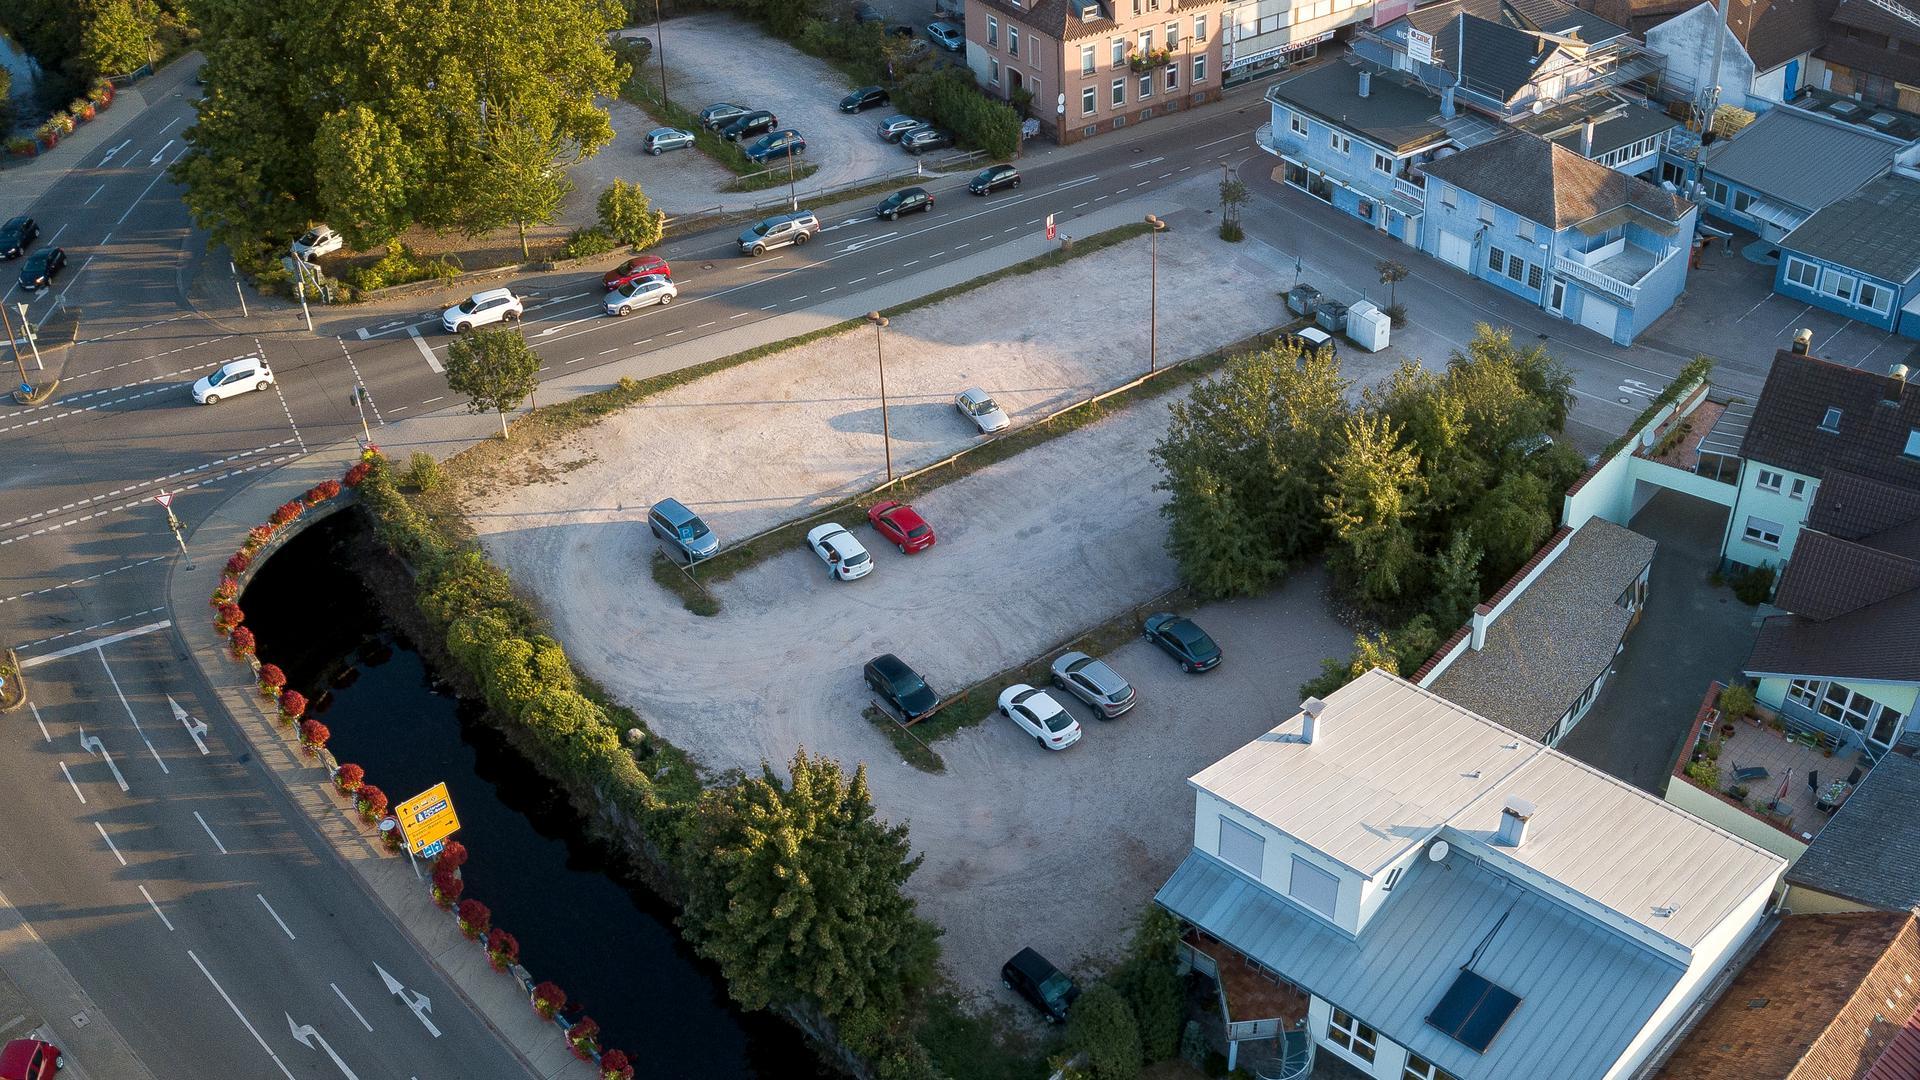 """Neue Aufteilung: Auf der Nordseite des Areals """"Lammbrücke"""" (oben im Bild) sollen sich Einzelhanel, Dienstleistung und Wohnunen konzentrieren, auf der Südseite Parkhaus und Gastronomie."""